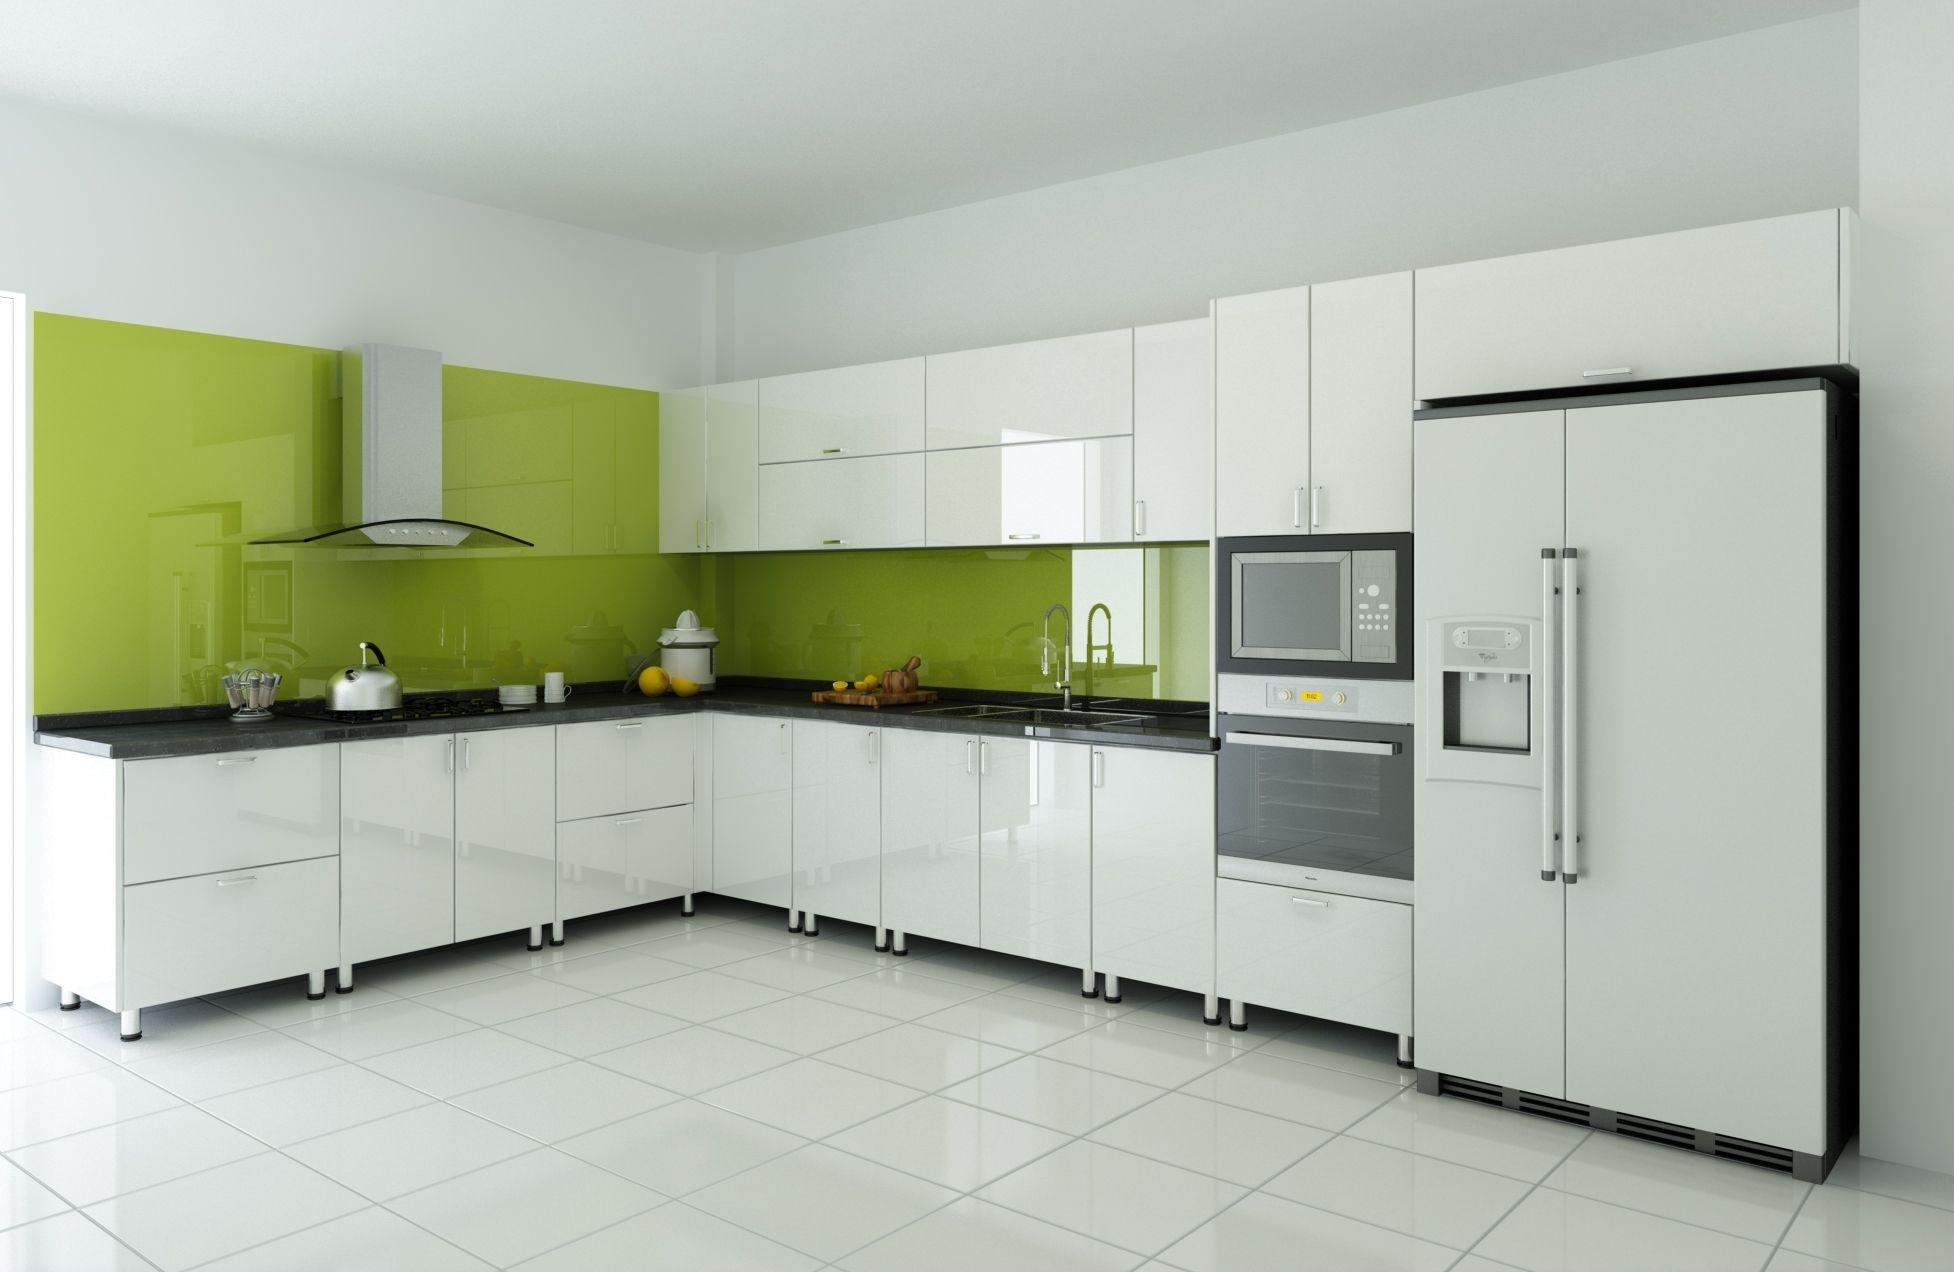 Vật liệu xanh trong trang trí tường nội thất phòng bếp gia đình